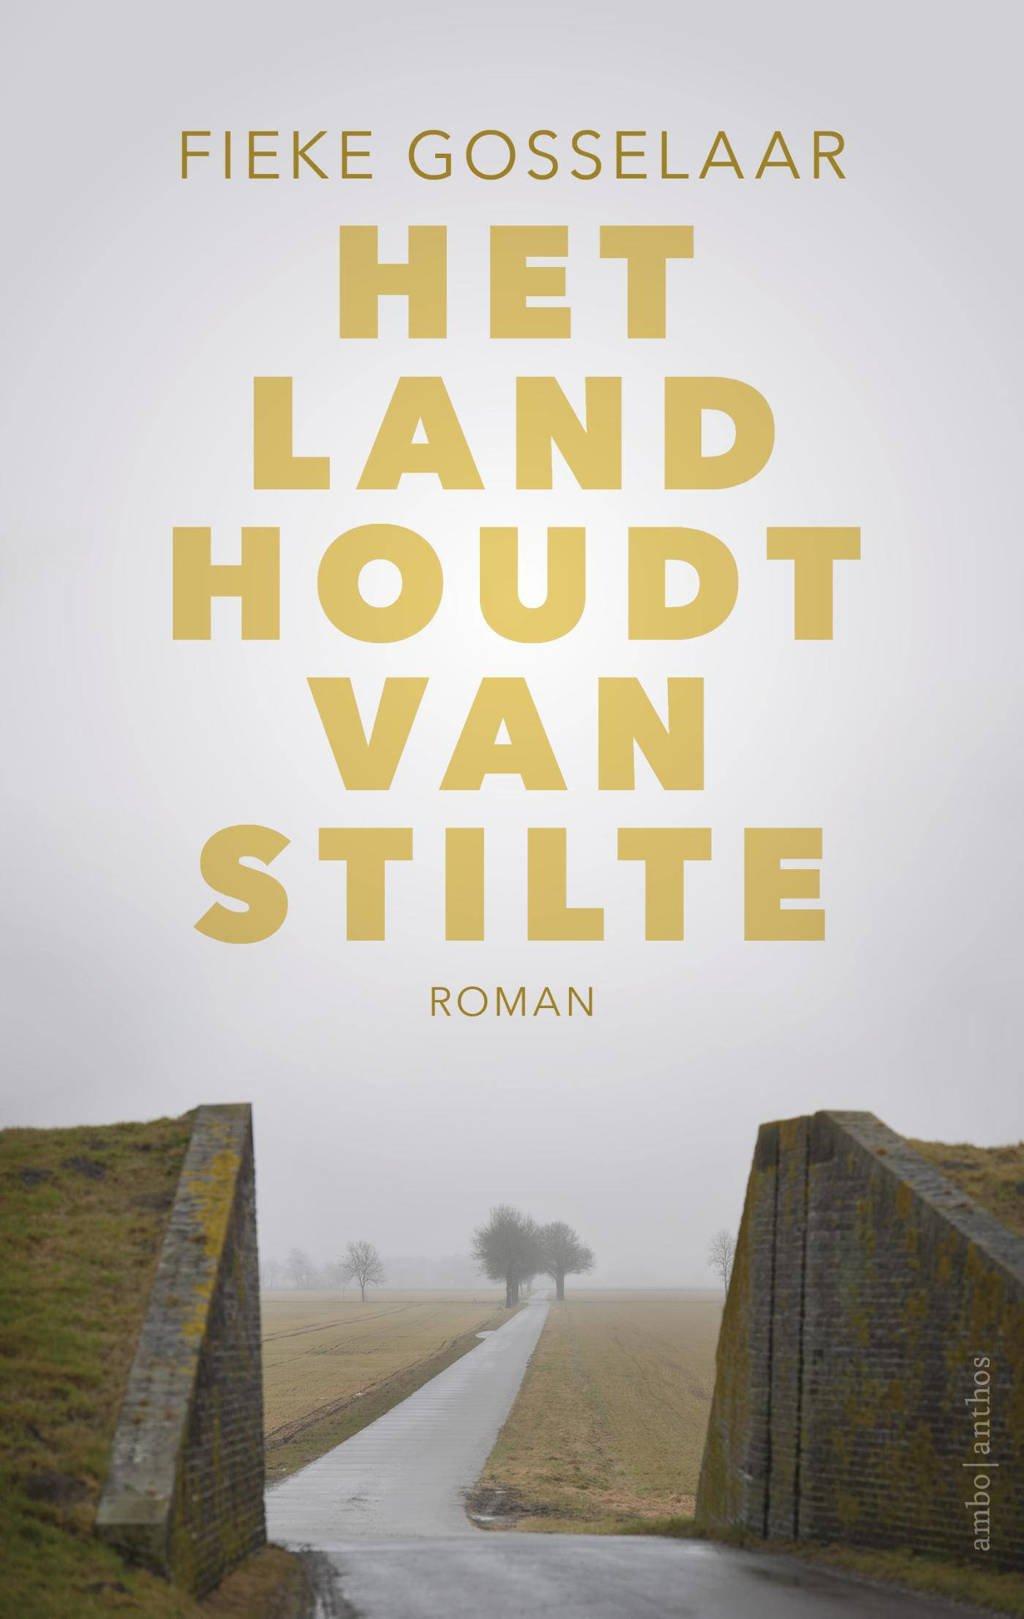 Het land houdt van stilte - Fieke Gosselaar